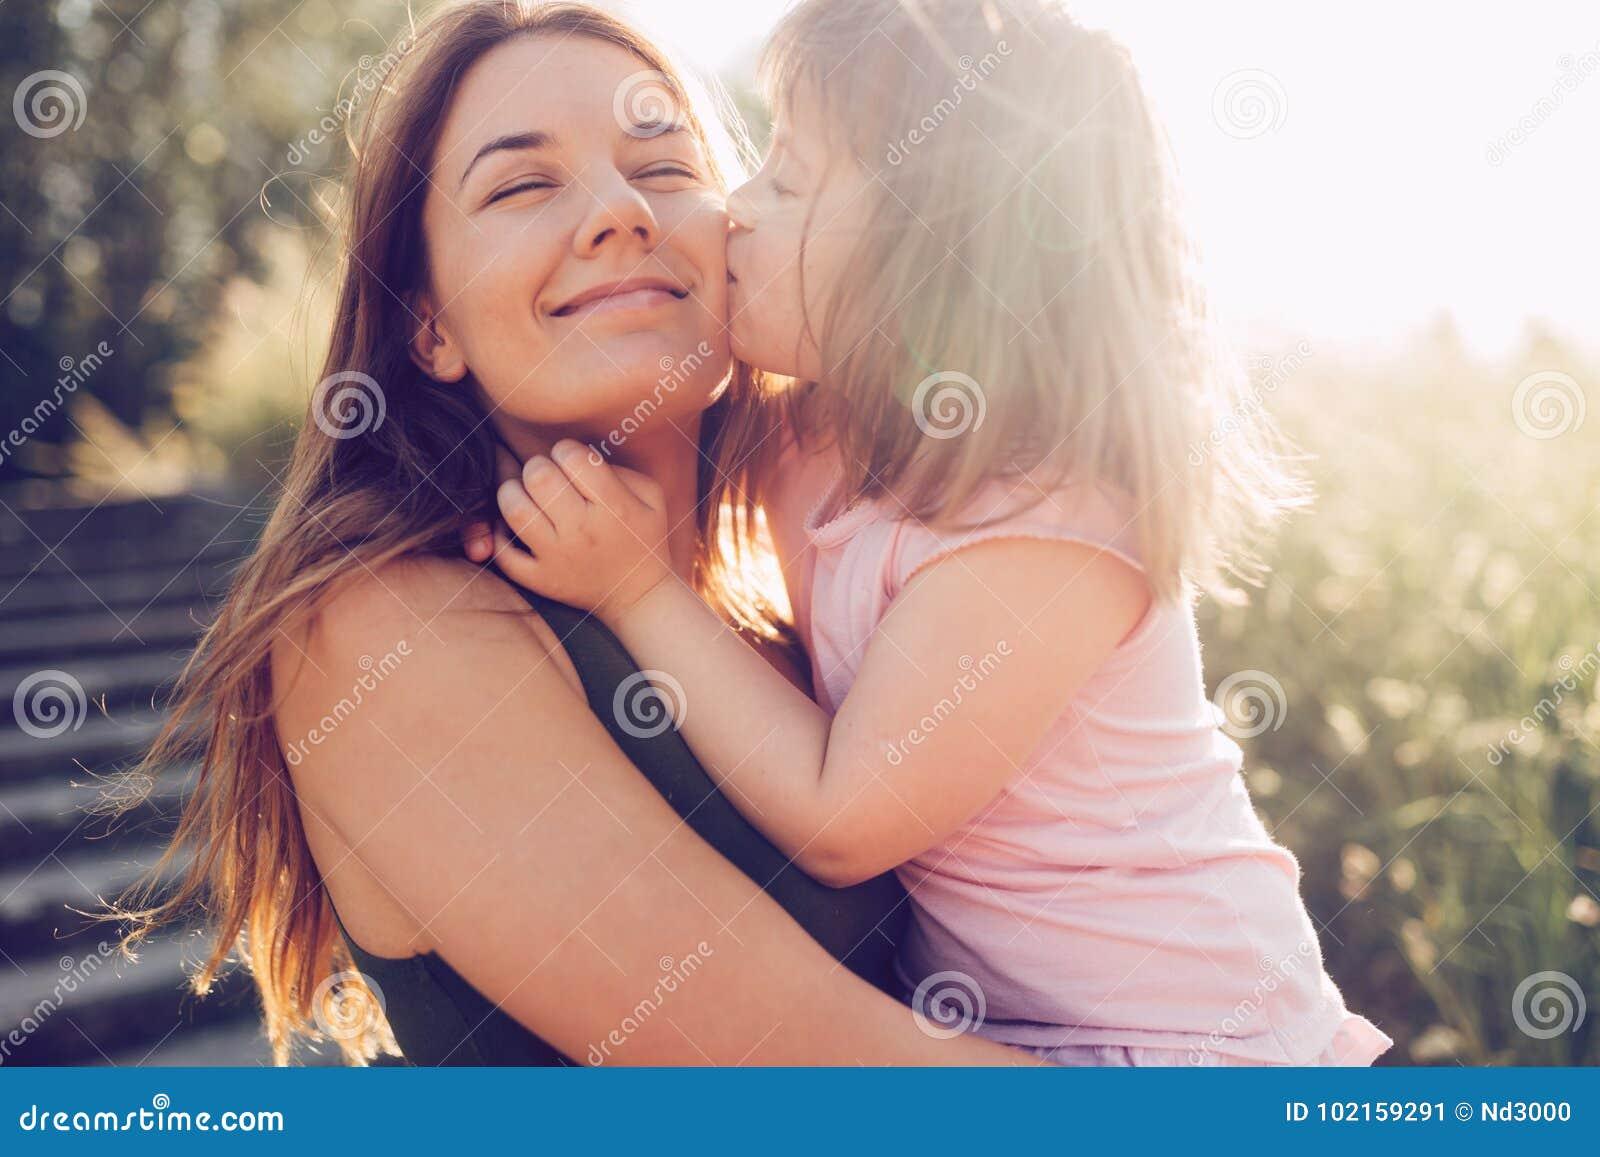 Εικόνα της μητέρας και του παιδιού με ειδικές ανάγκες